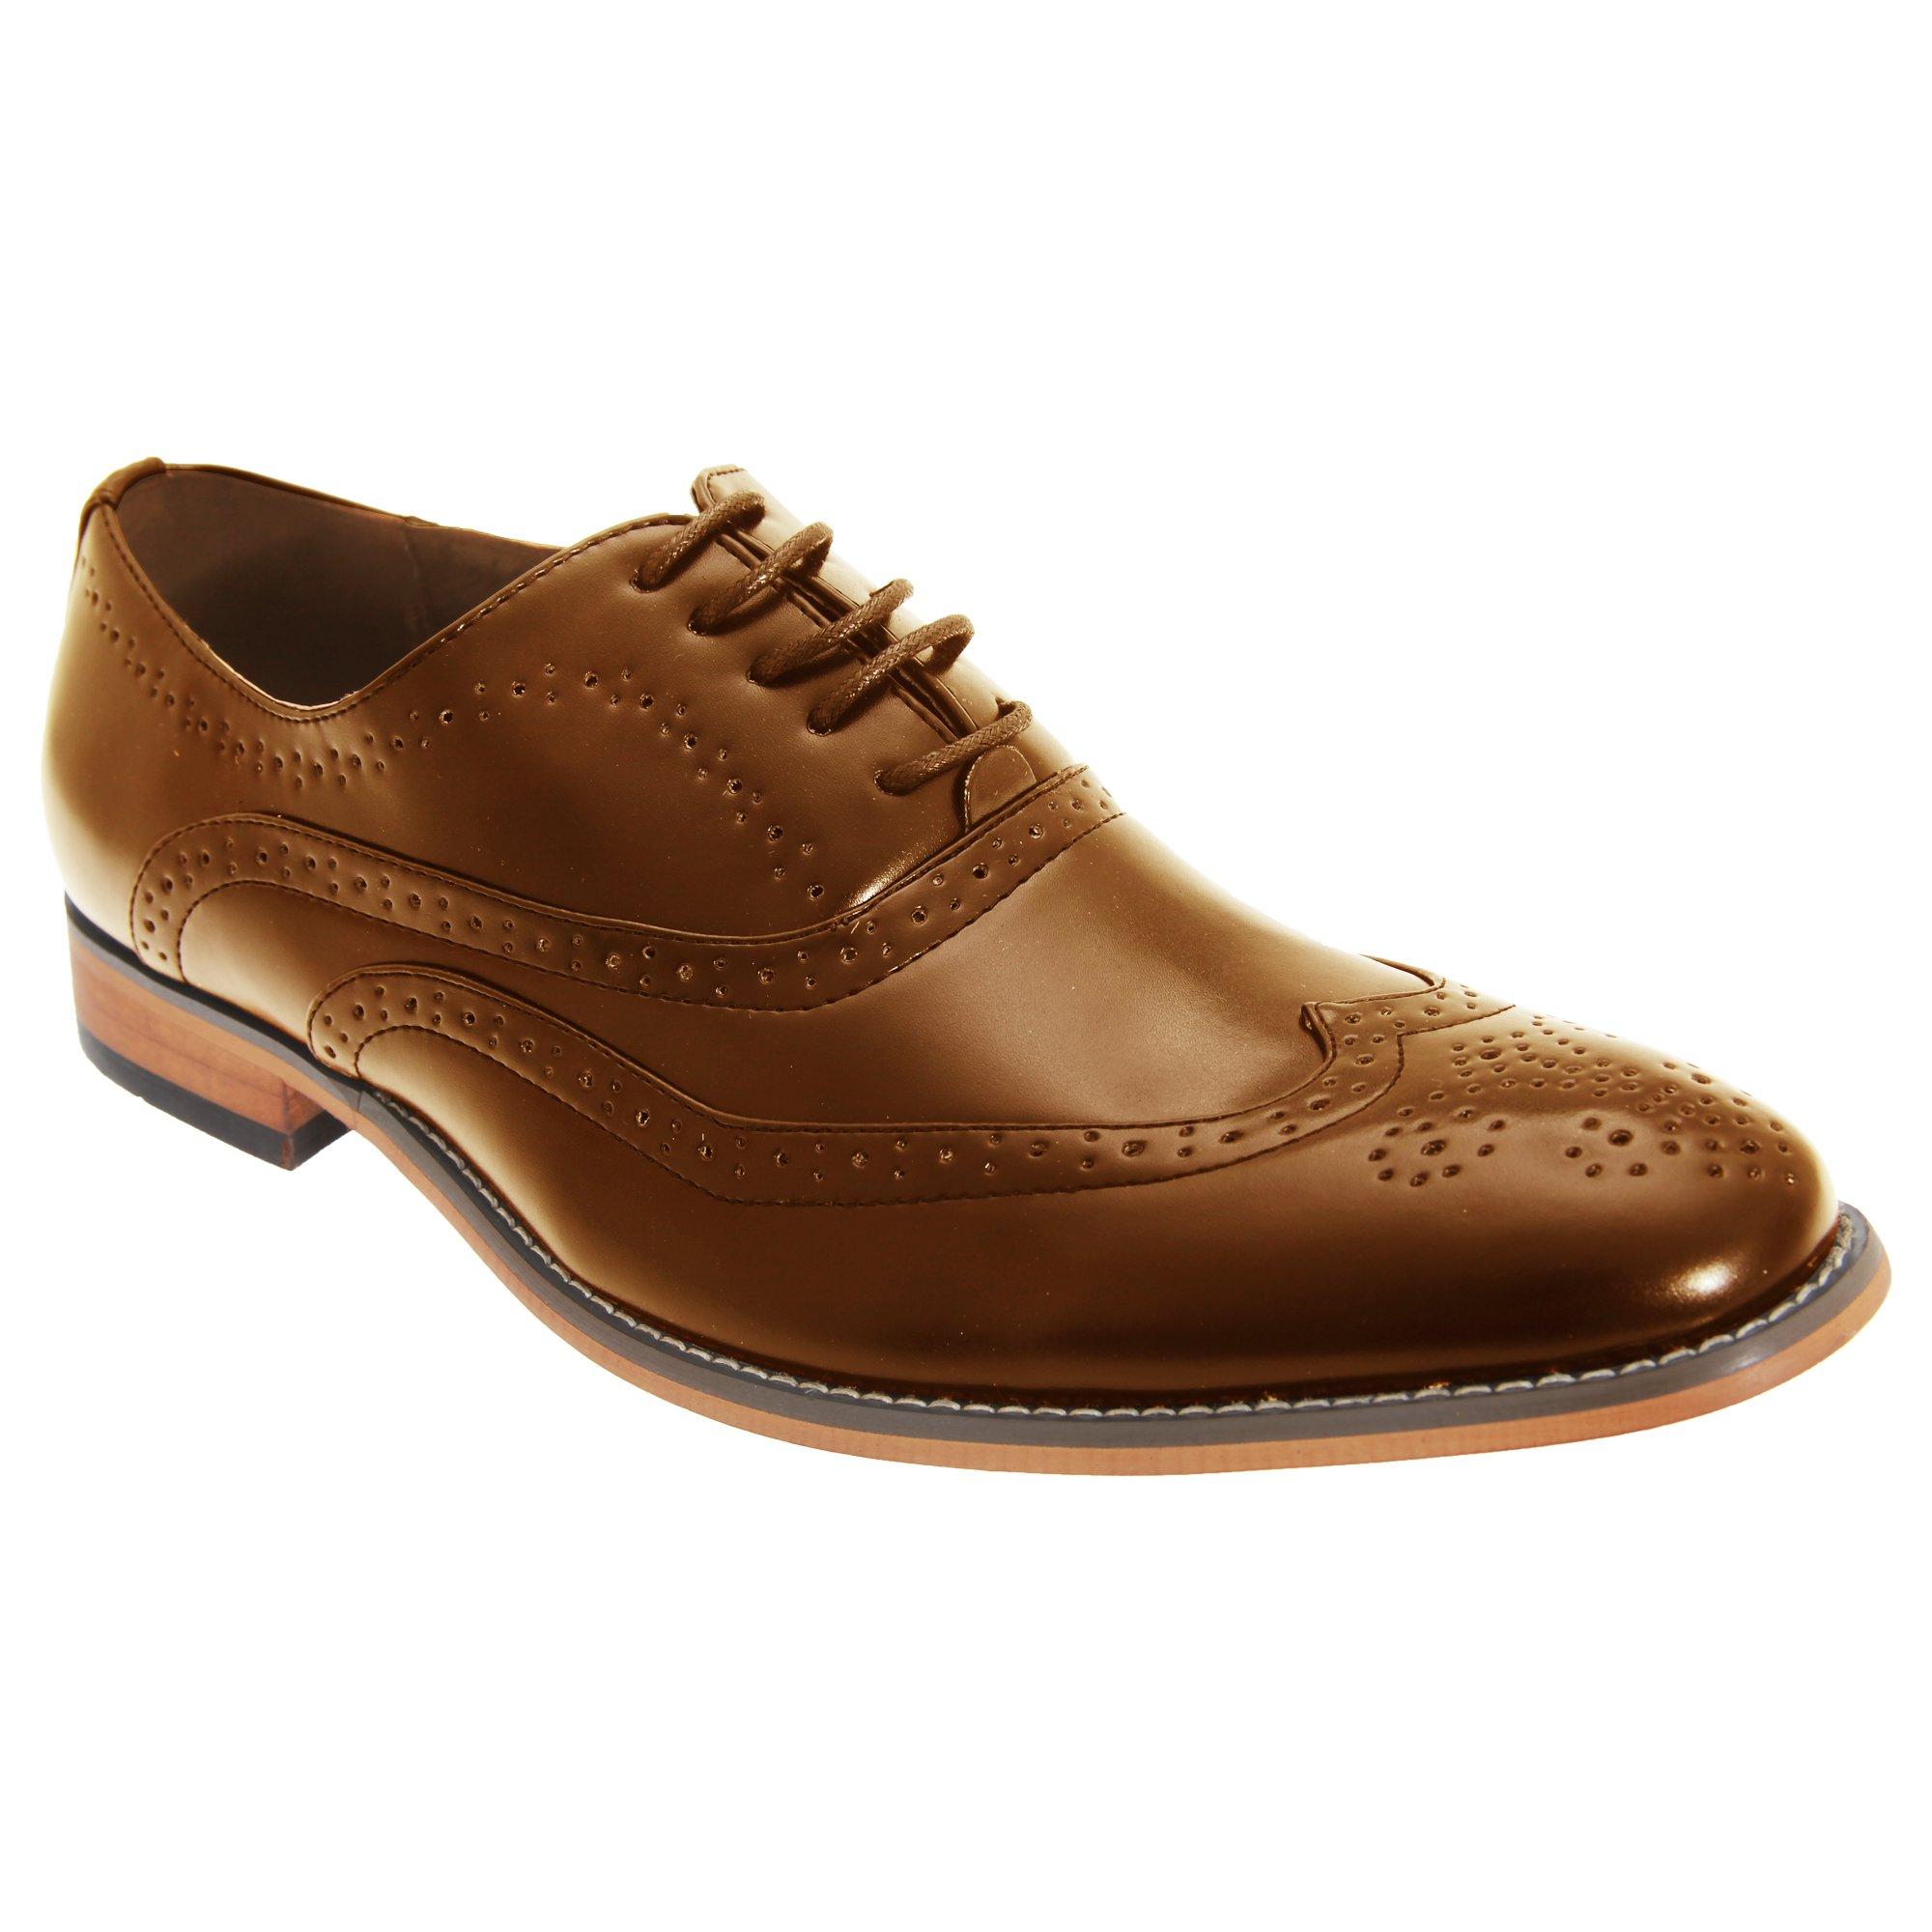 Goor Mens 5 Eyelet Brogue Oxford Shoes (11 US) (Tan)